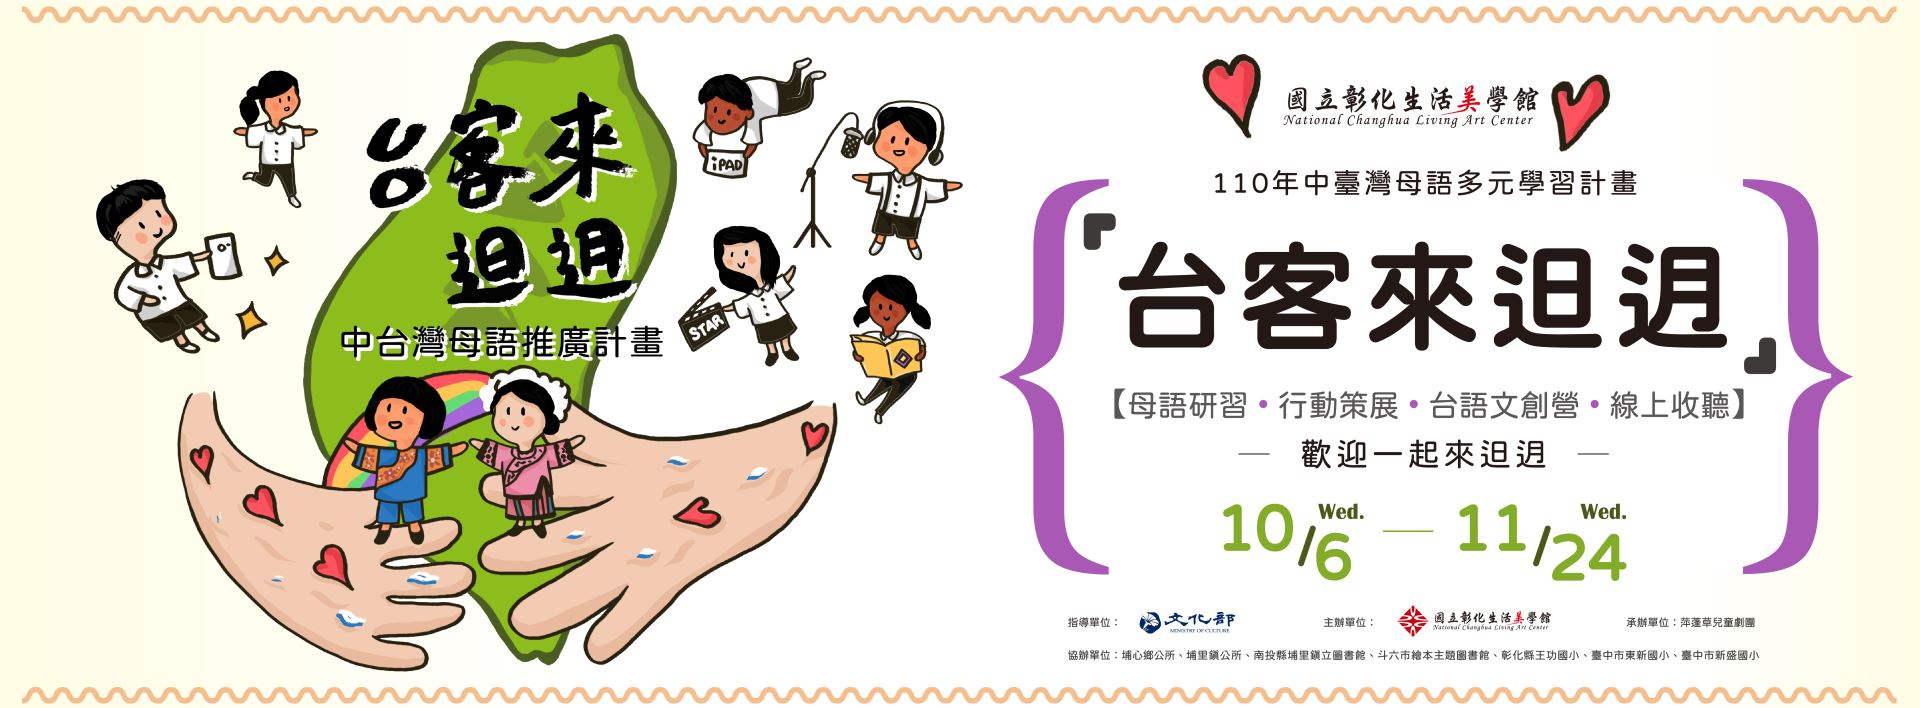 110年中臺灣母語多元學習計畫「台客來𨑨迌」